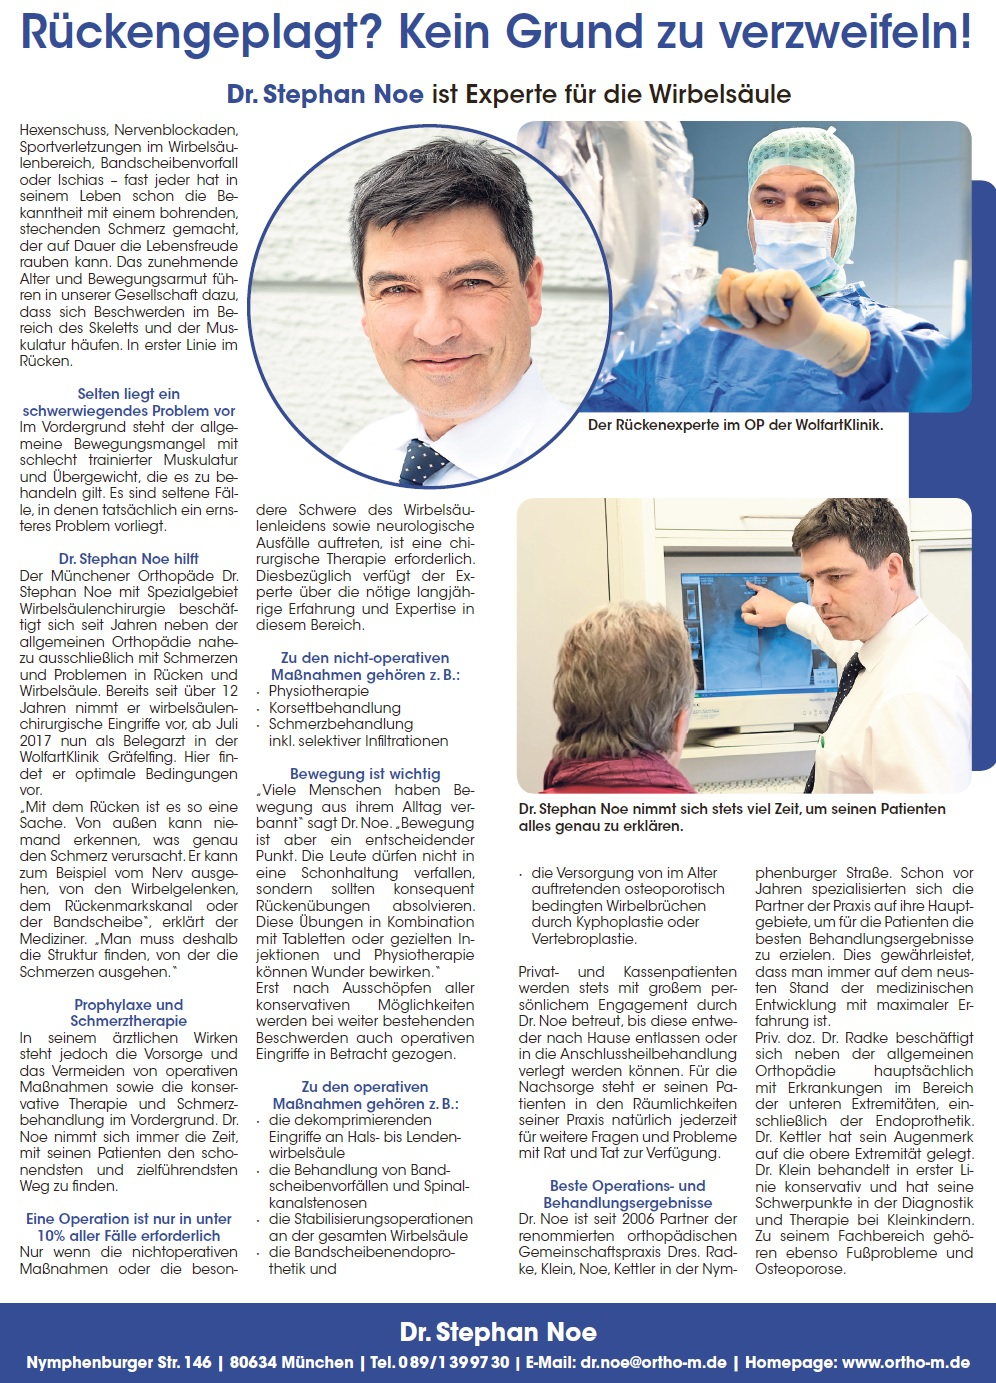 Pressebeitrag Dr Noe